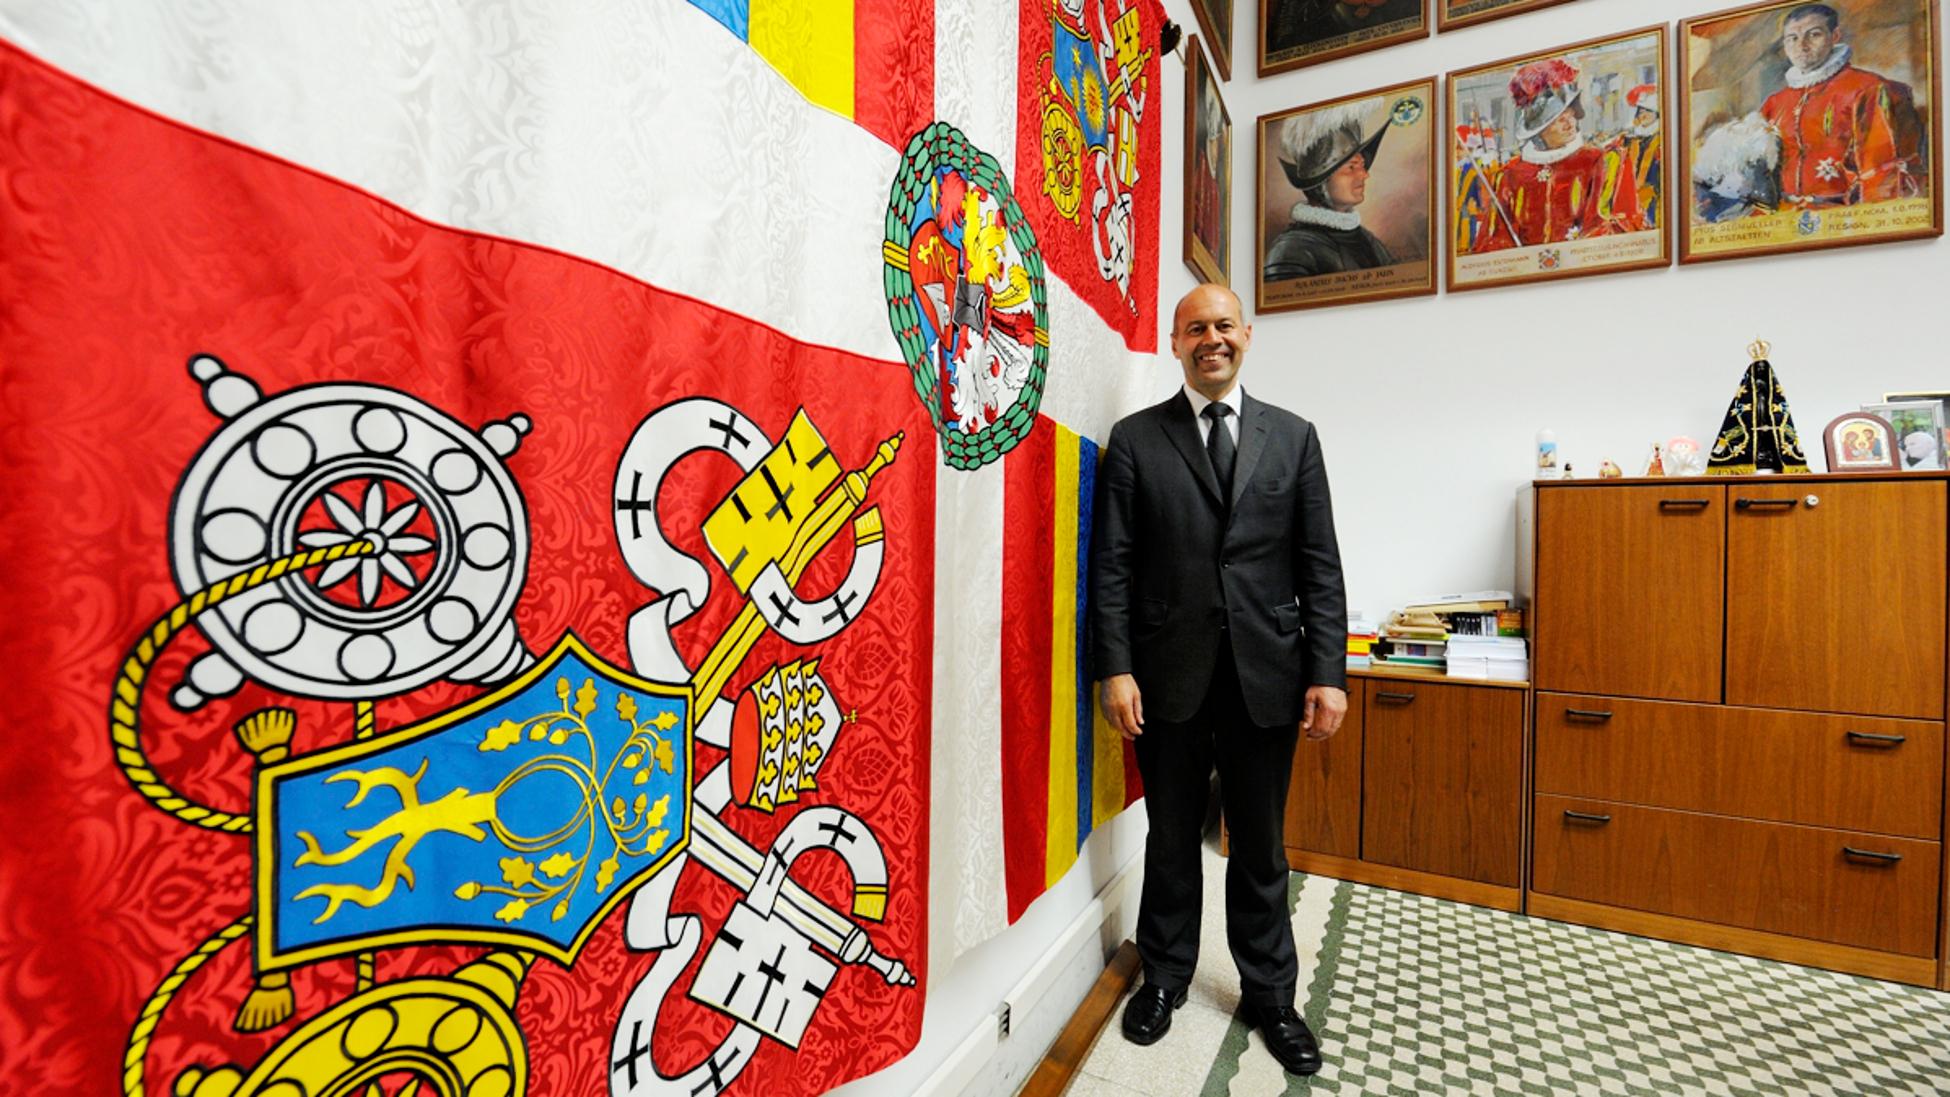 Weihe der neuen fahne des korps der p pstlichen for Spiegel und fahne